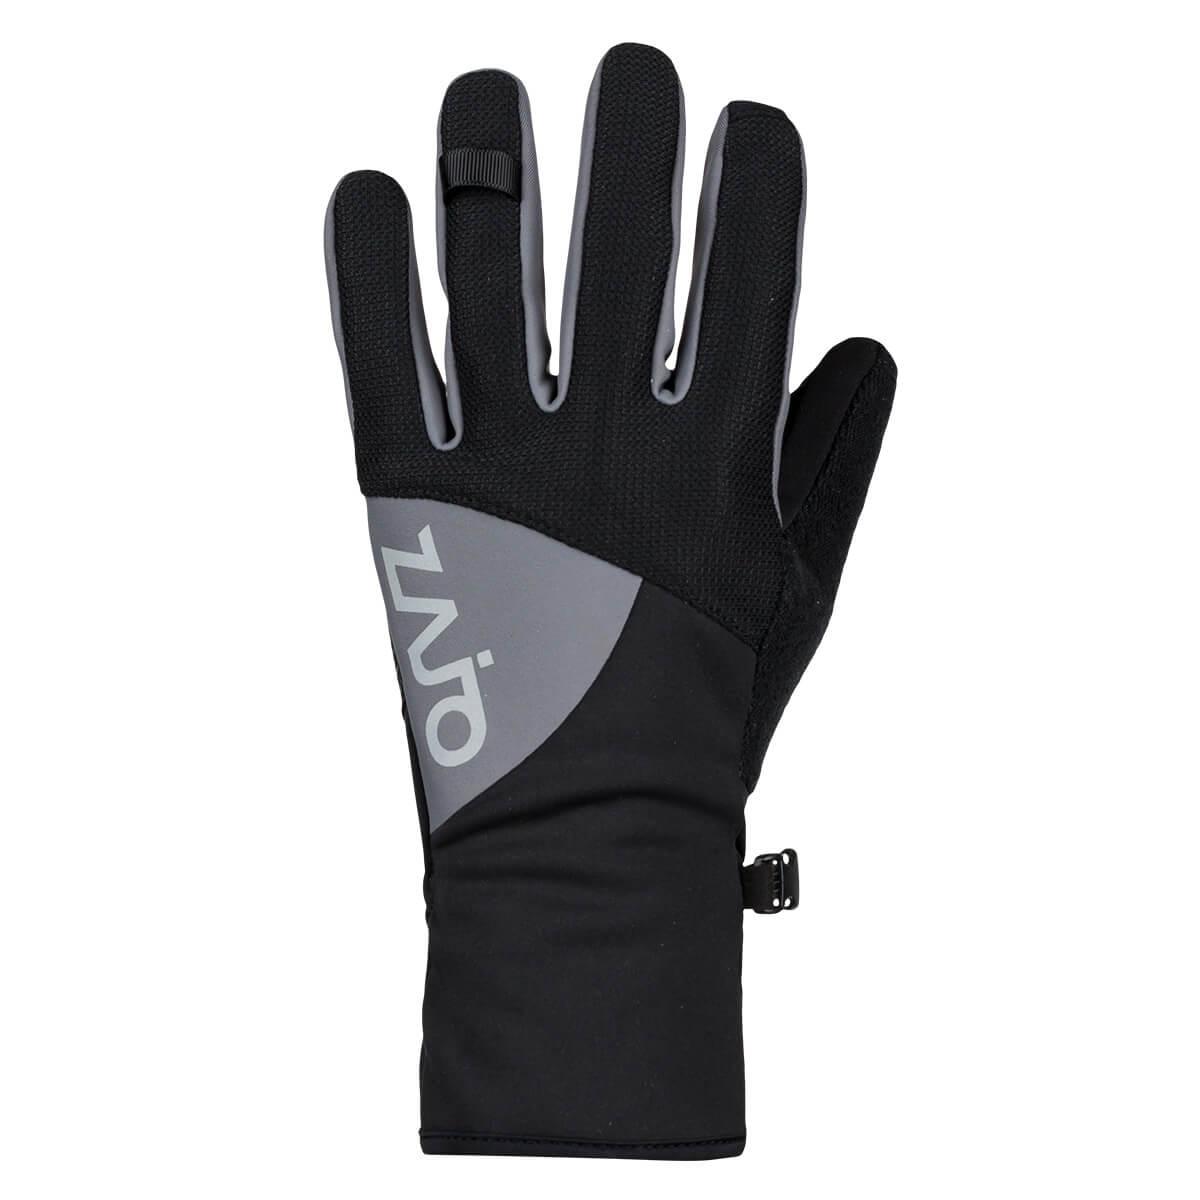 ZAJO Ramsau Gloves pánske rukavice - veľkosť S